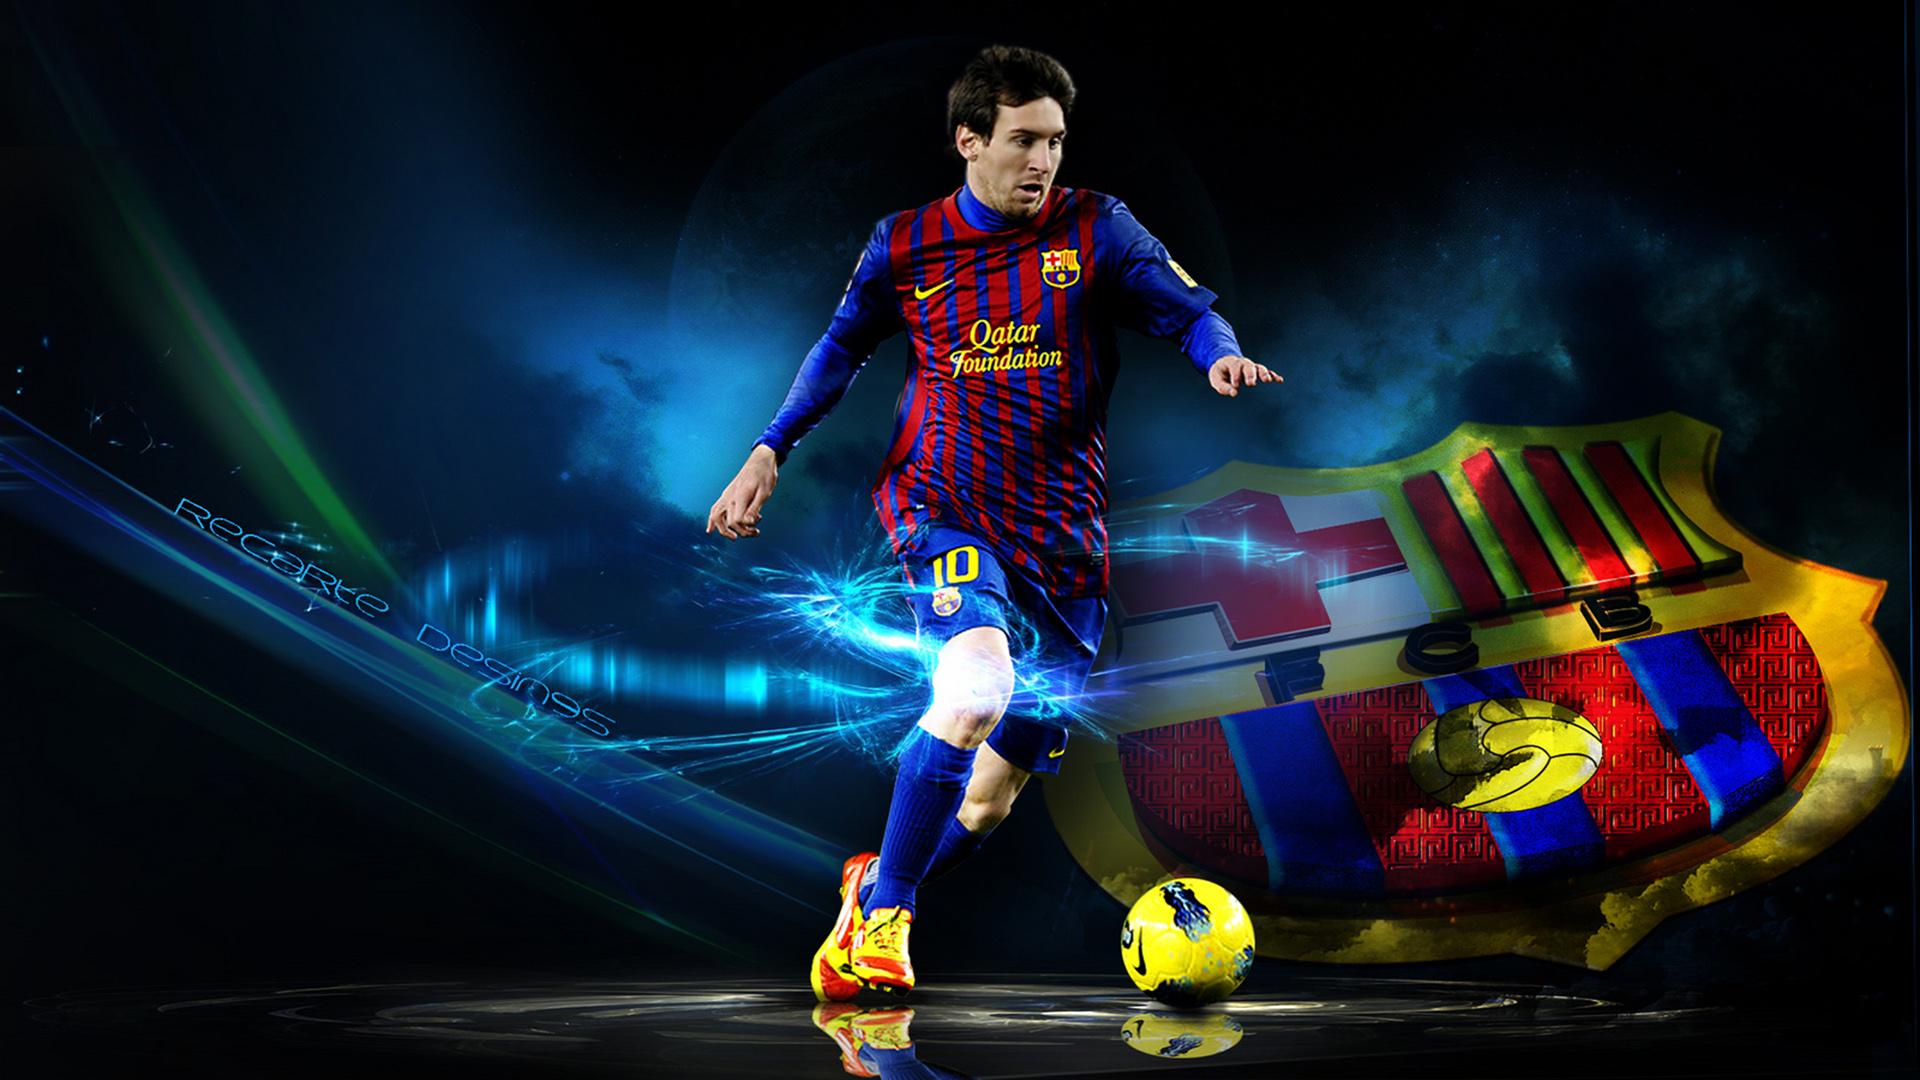 Hd wallpaper neymar - Messi Hd Wallpapers Wallpaper Hd Fondos De Pantalla Hd